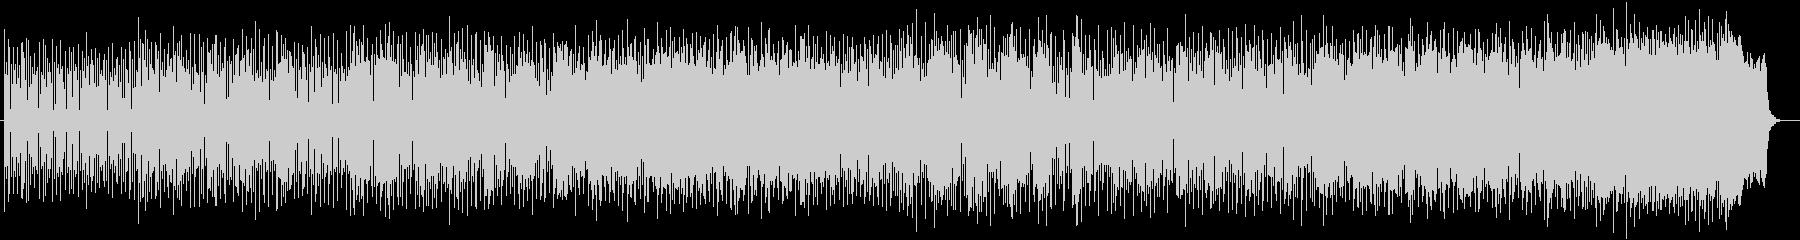 シンセが独特なミュージックの未再生の波形